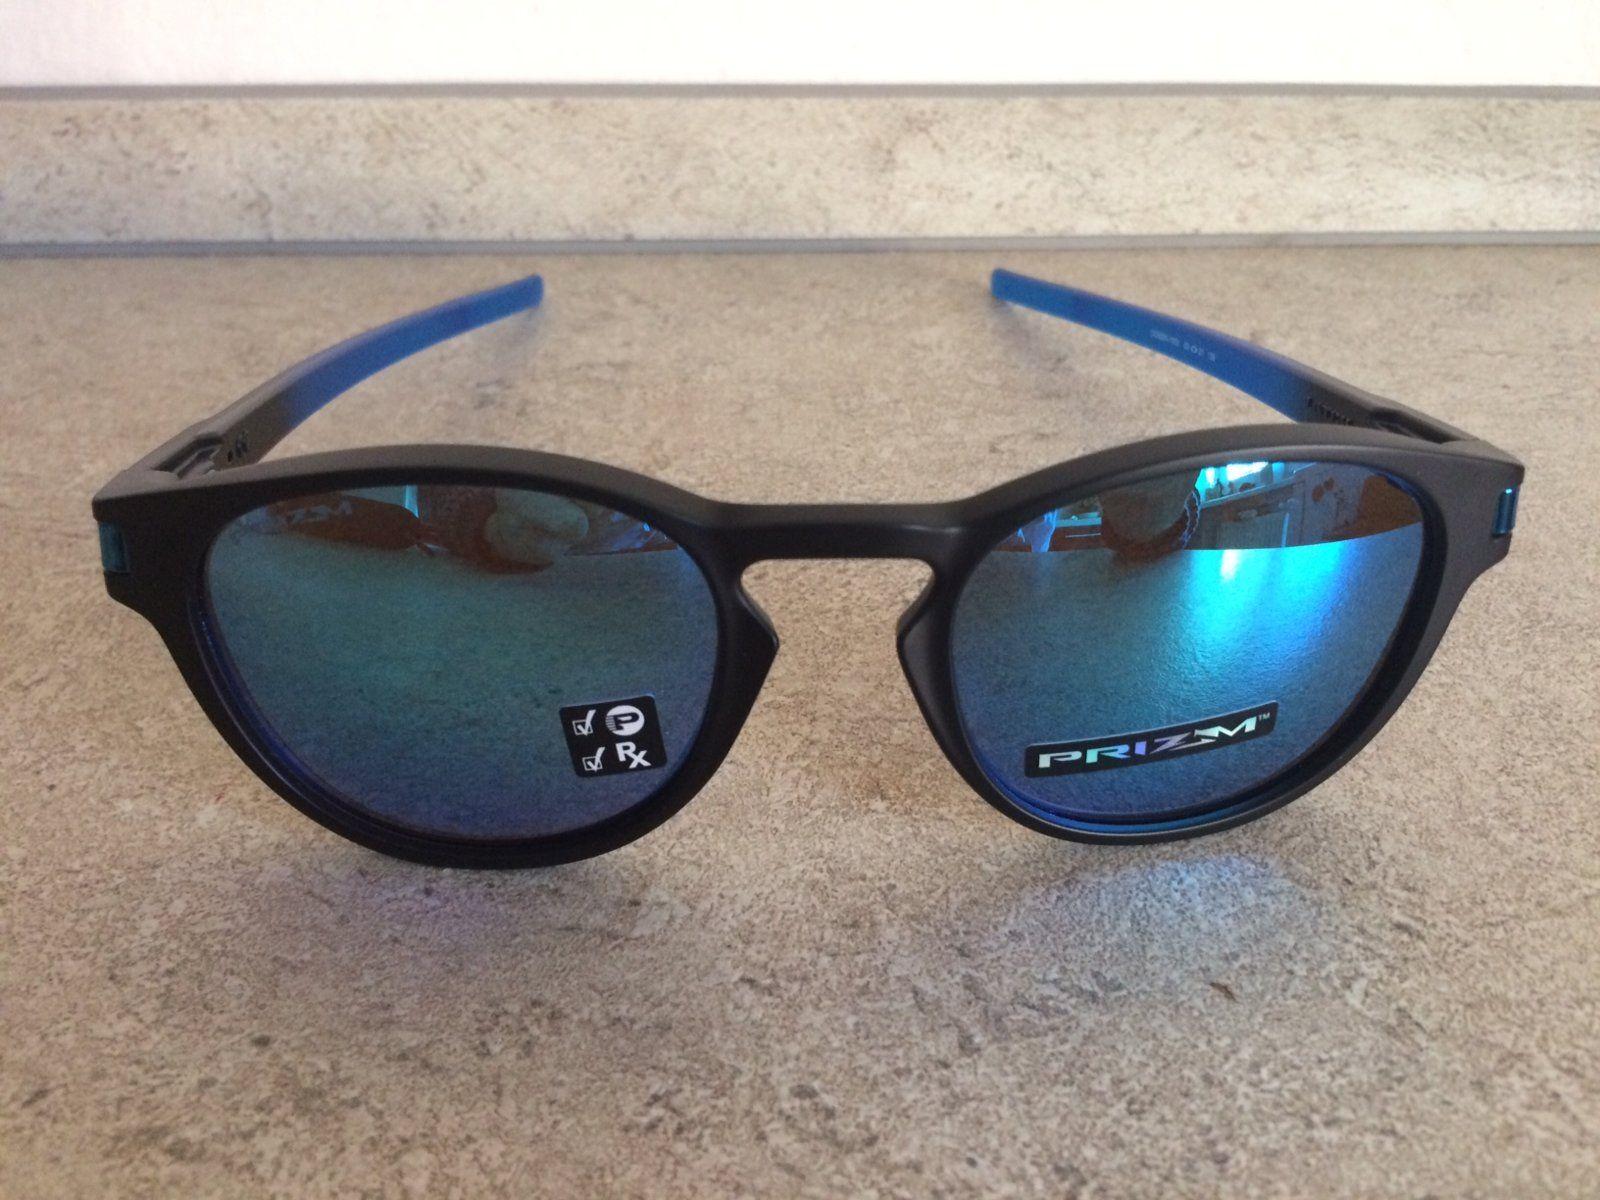 ea01a544a5 For Sale - Oakley Latch Sapphire Fade Prizm Sapphire Polarized ...